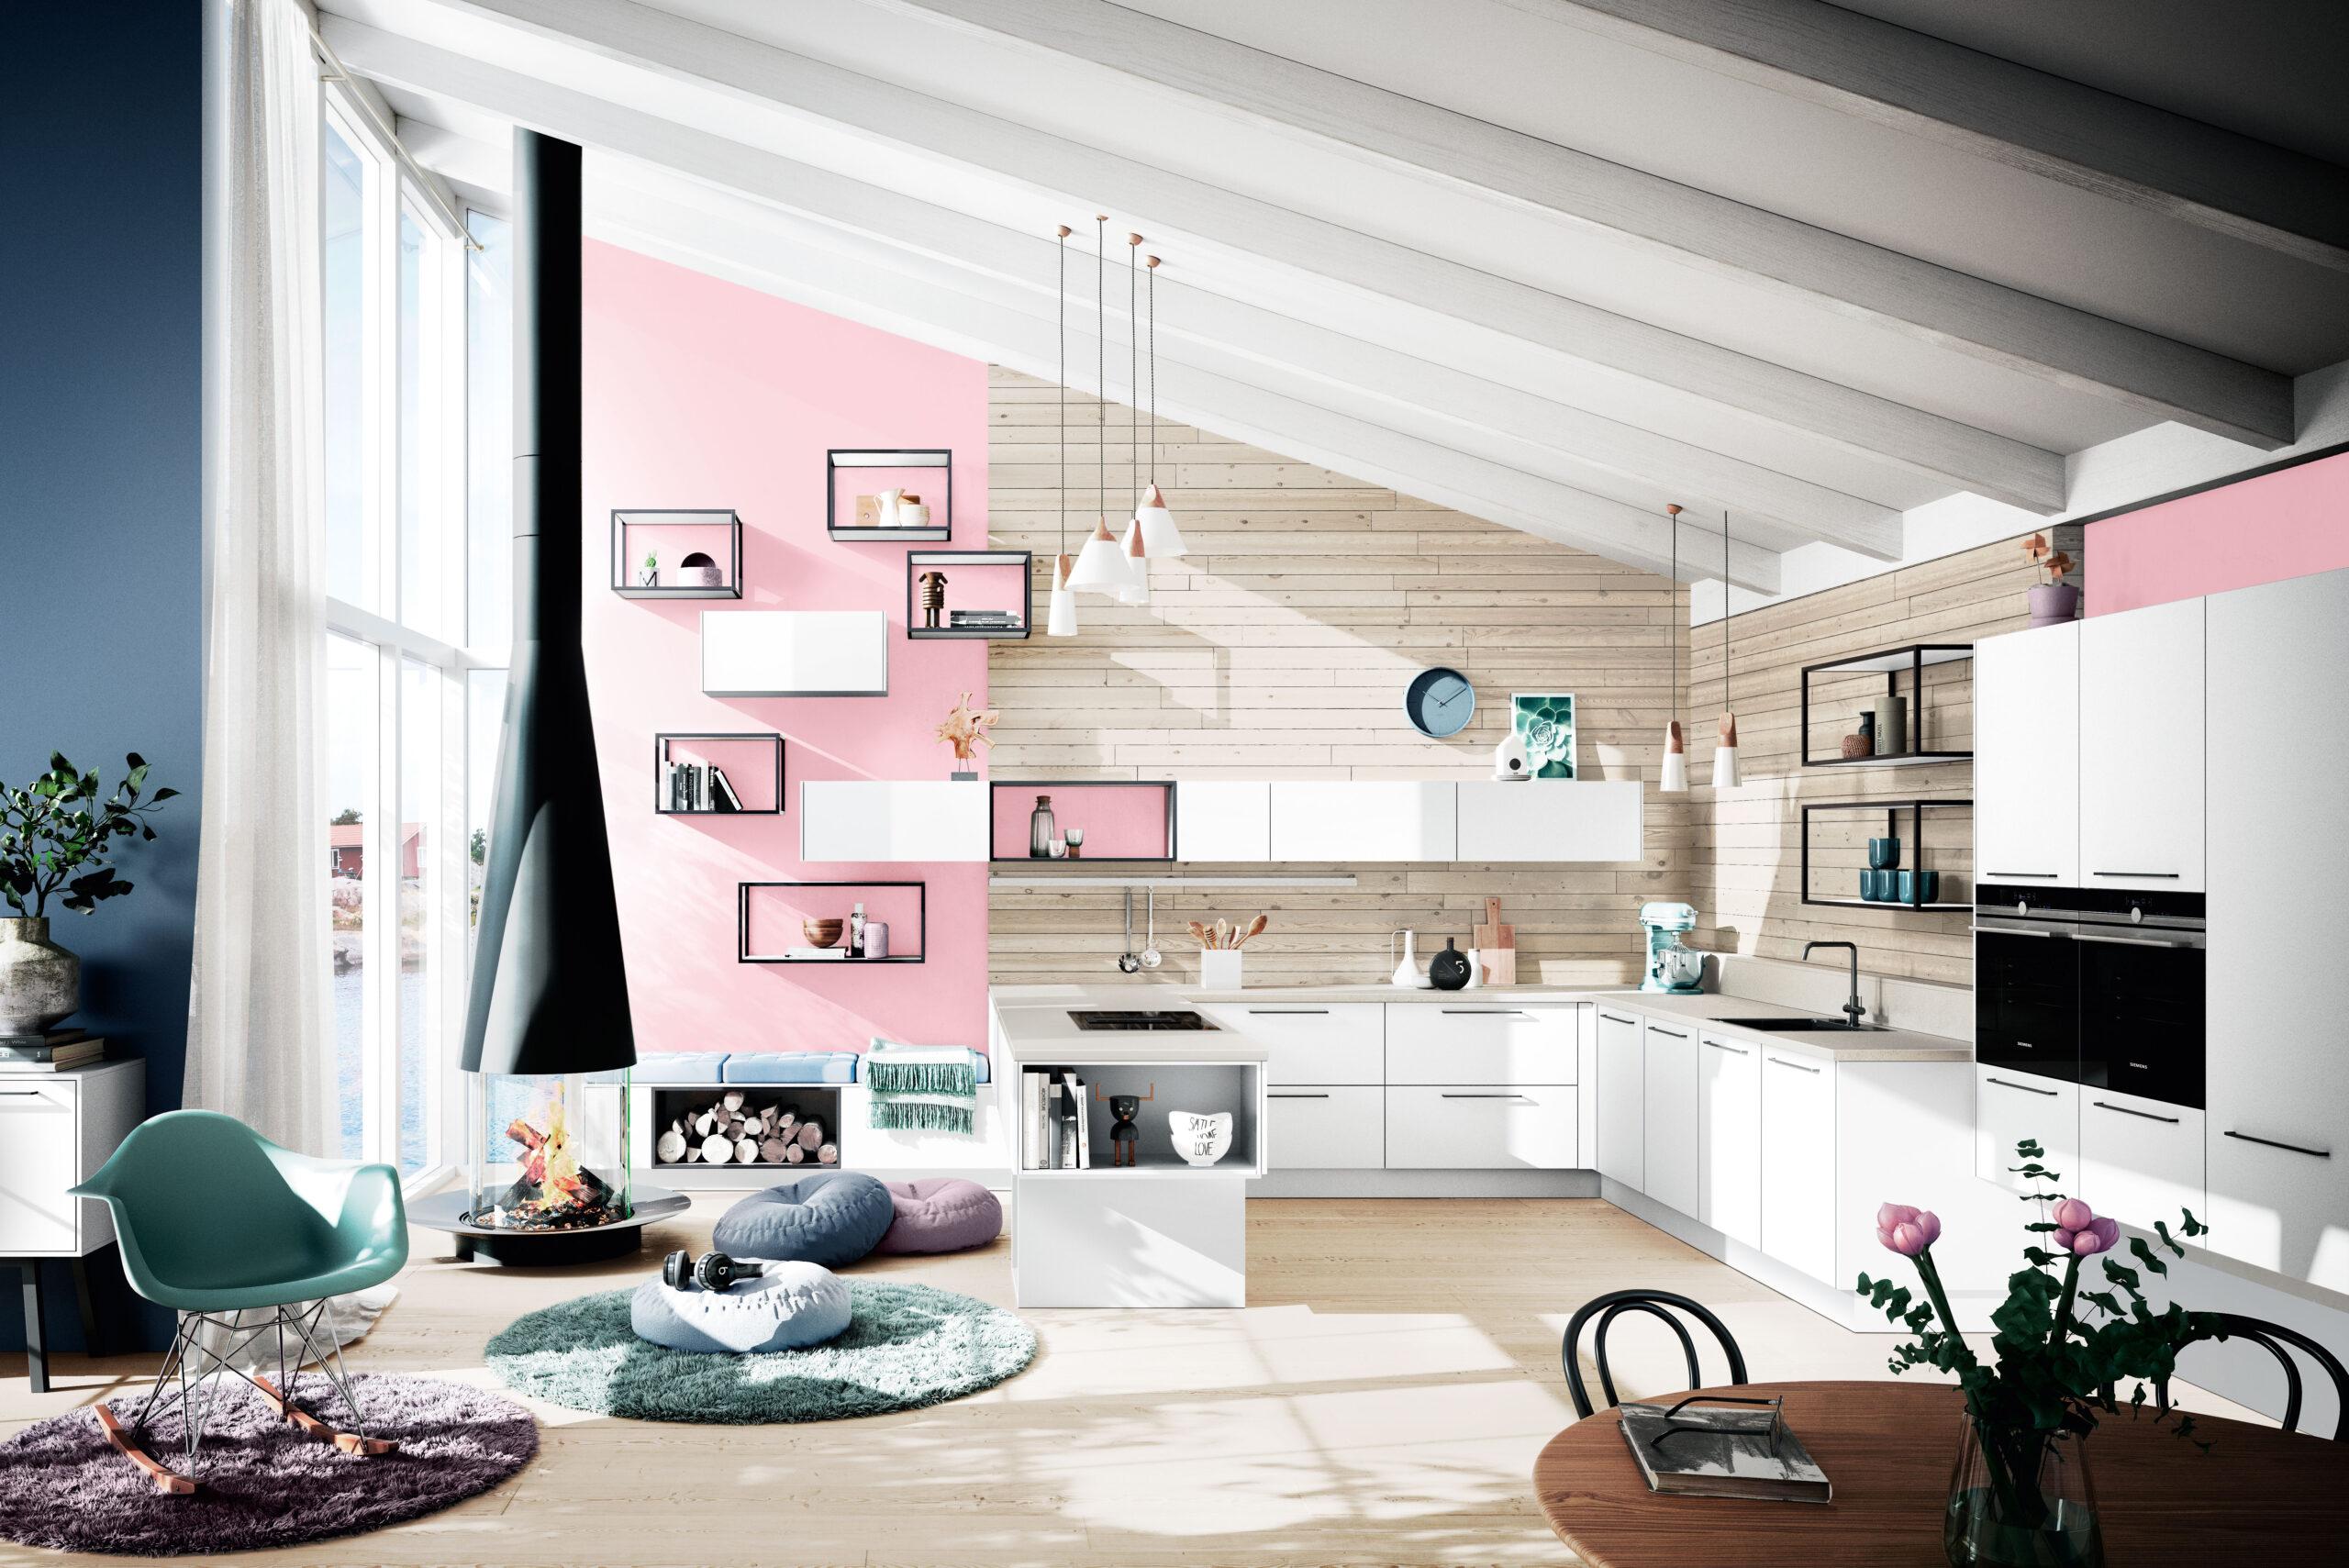 Full Size of Pastelltne In Der Kche So Integrieren Sie Eiscremefarben Zu Hause Küche Kaufen Günstig Grillplatte Mit Elektrogeräten Fliesen Für Glasbilder Wandregal Wohnzimmer Wandfarben Für Küche